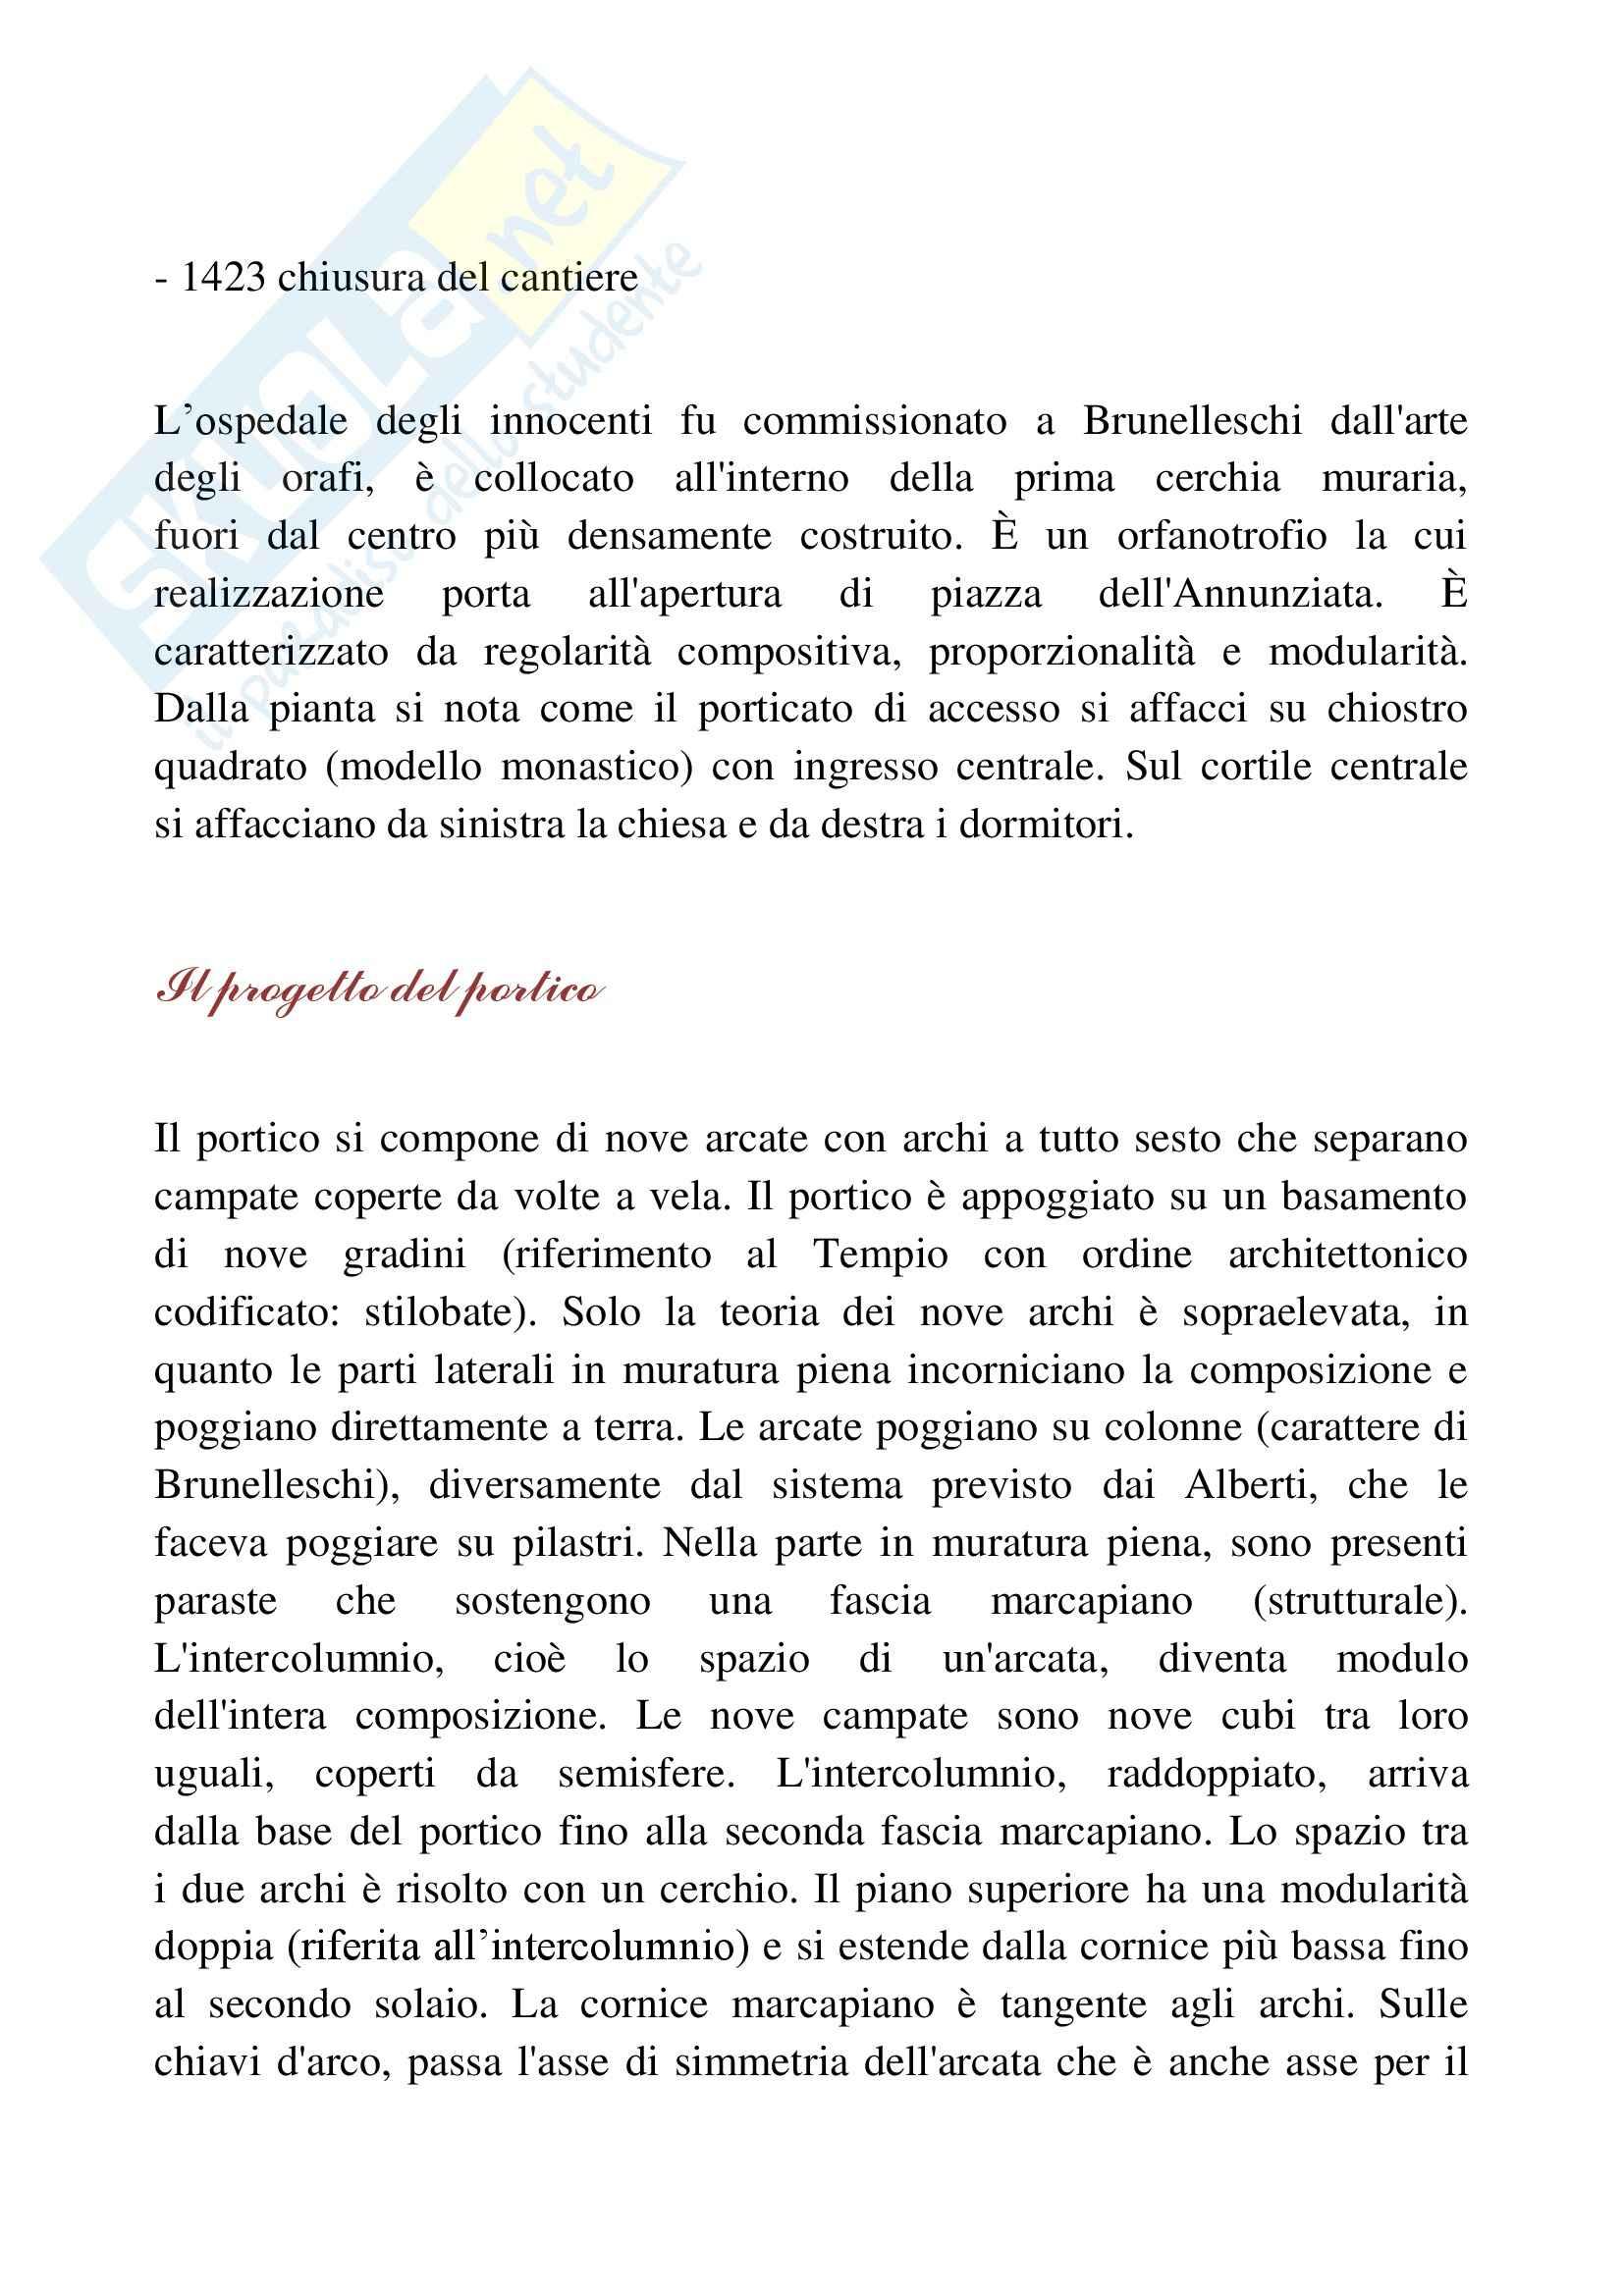 400, società e cultura, Storia dell'architettura moderna Pag. 16